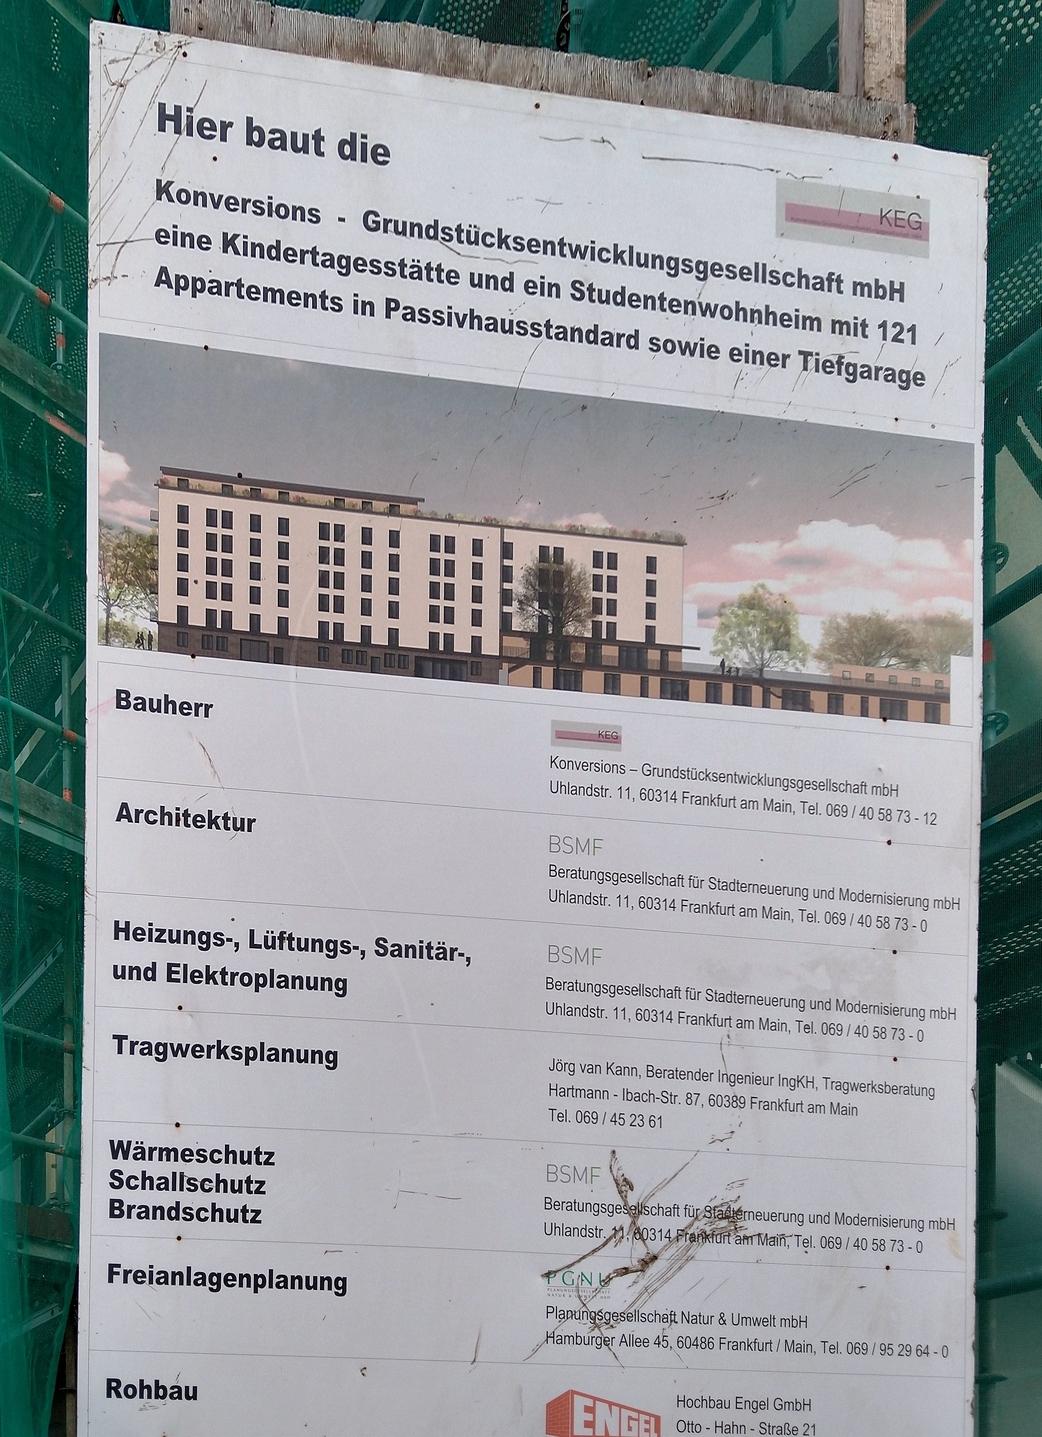 Bild: https://www.deutsches-architektur-forum.de/pics/schmittchen/4675_rohmerplatz.jpg